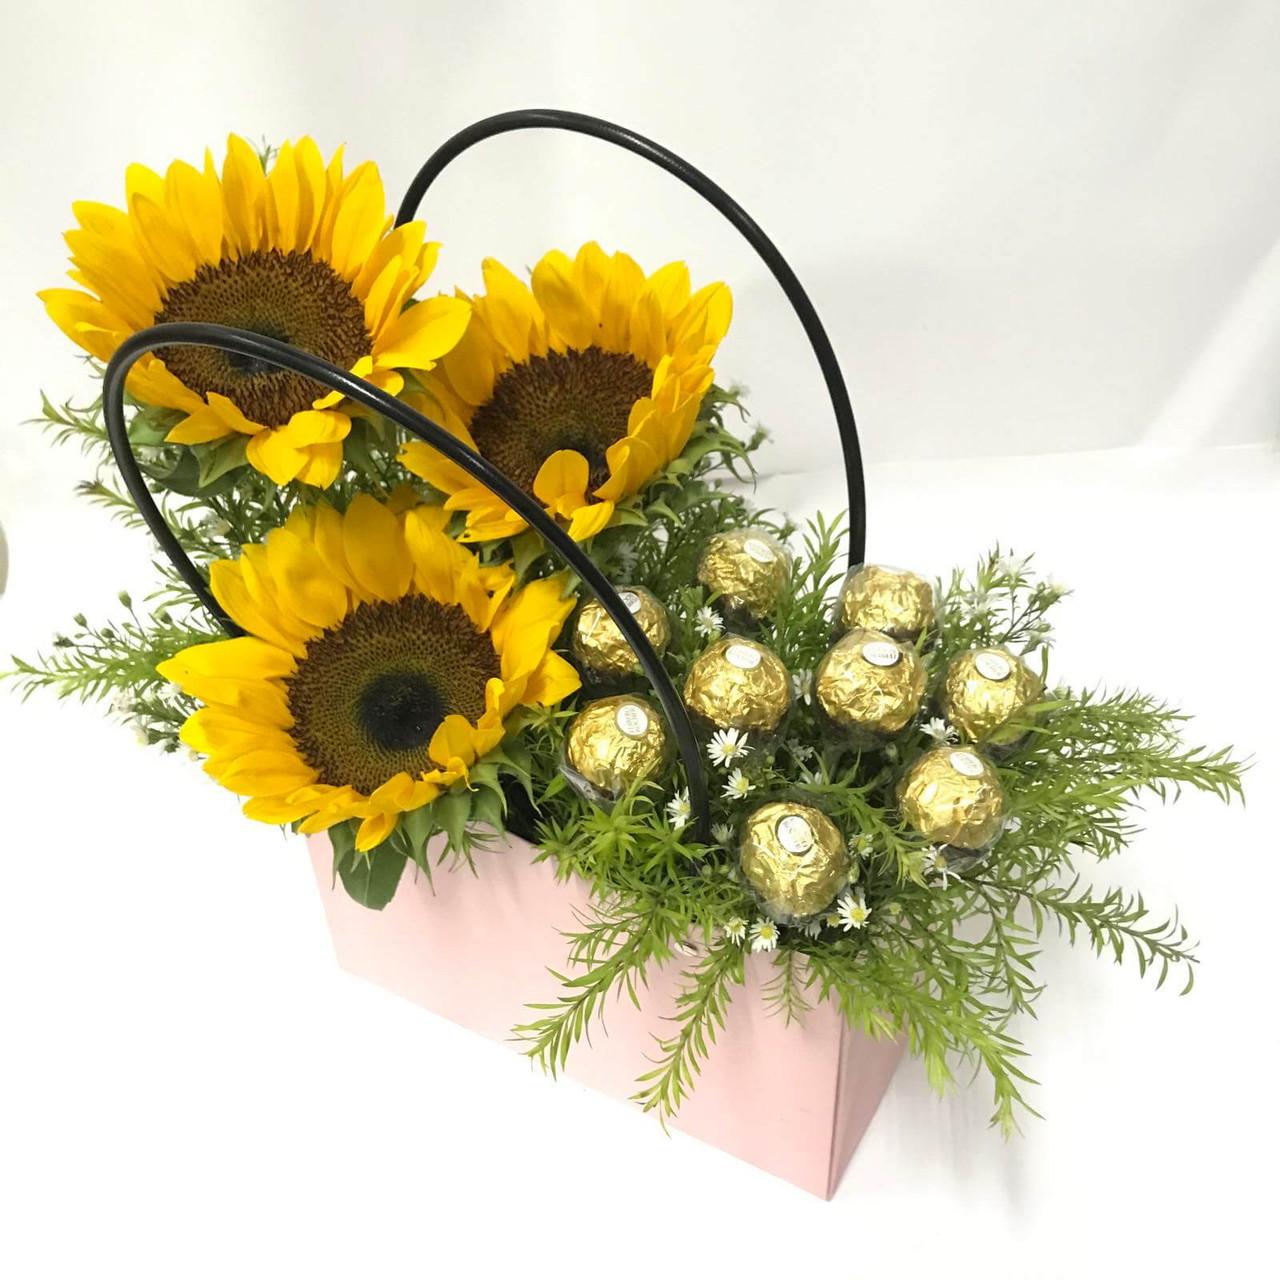 Sunflowers & Ferrero Handbag